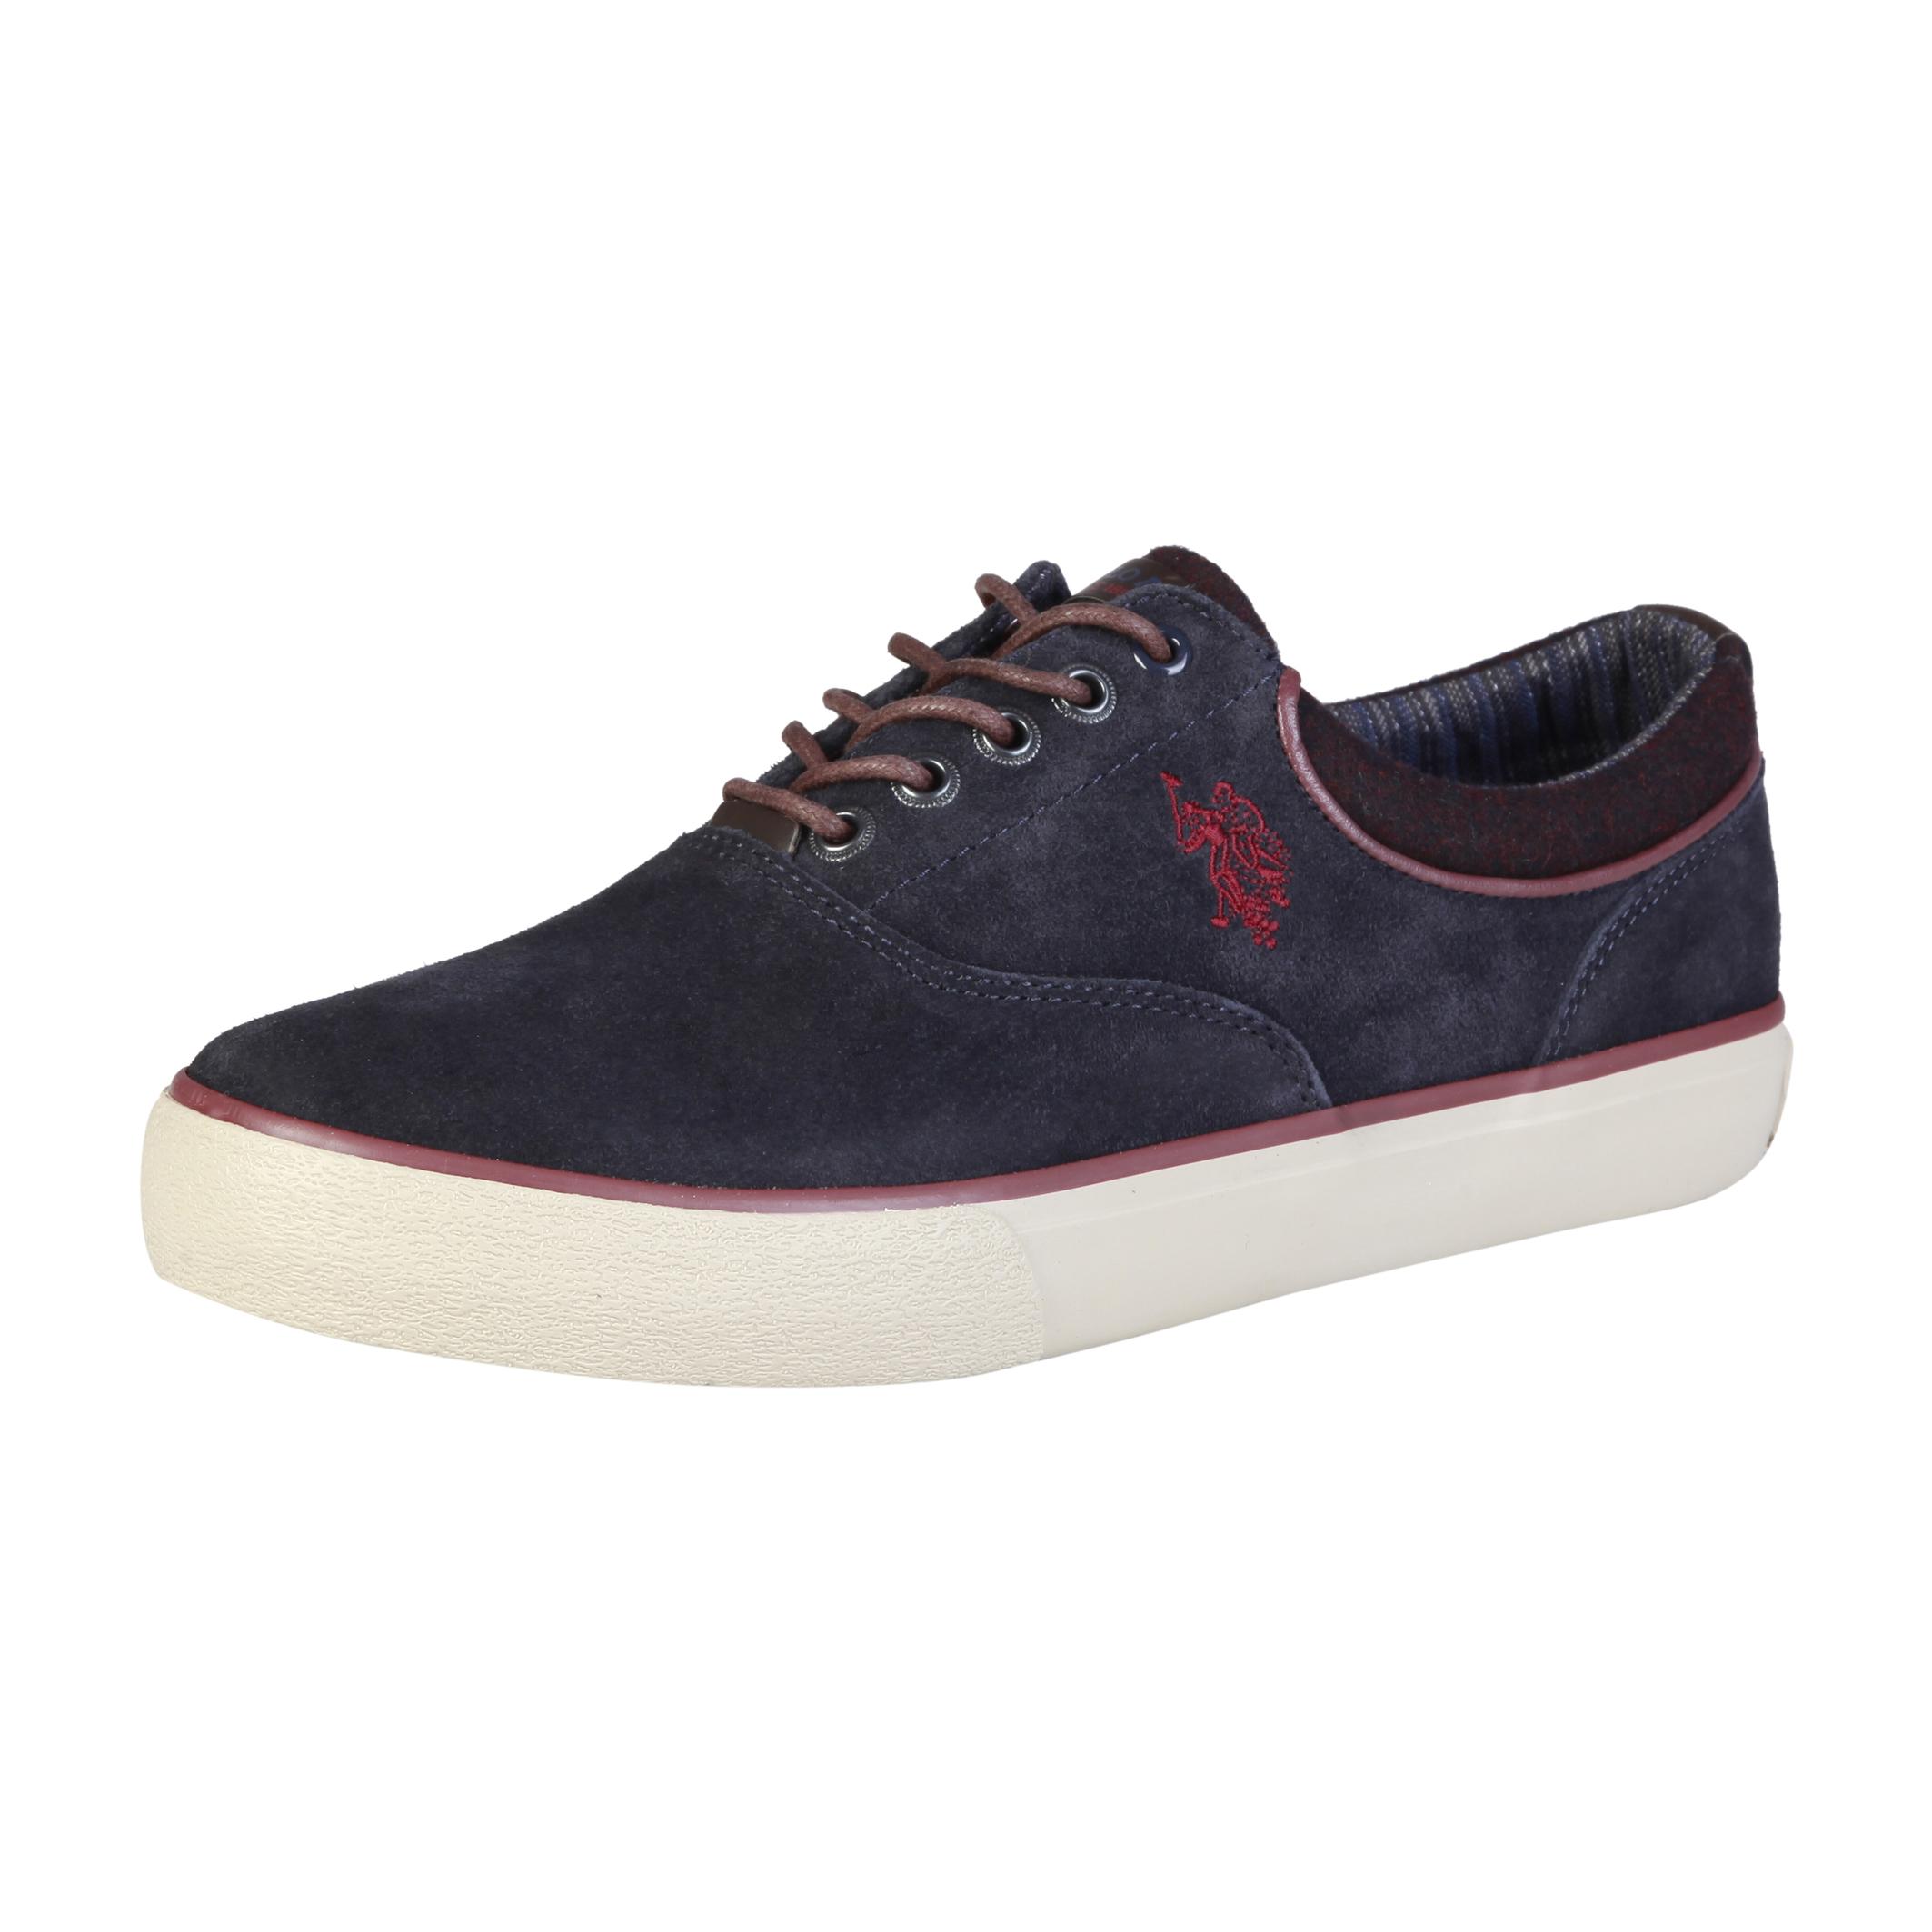 U.S. Polo Blau/Braun Schuhe GALAN4204W7, Herren Sneakers Blau/Braun Polo Herbst/Winter 71953f